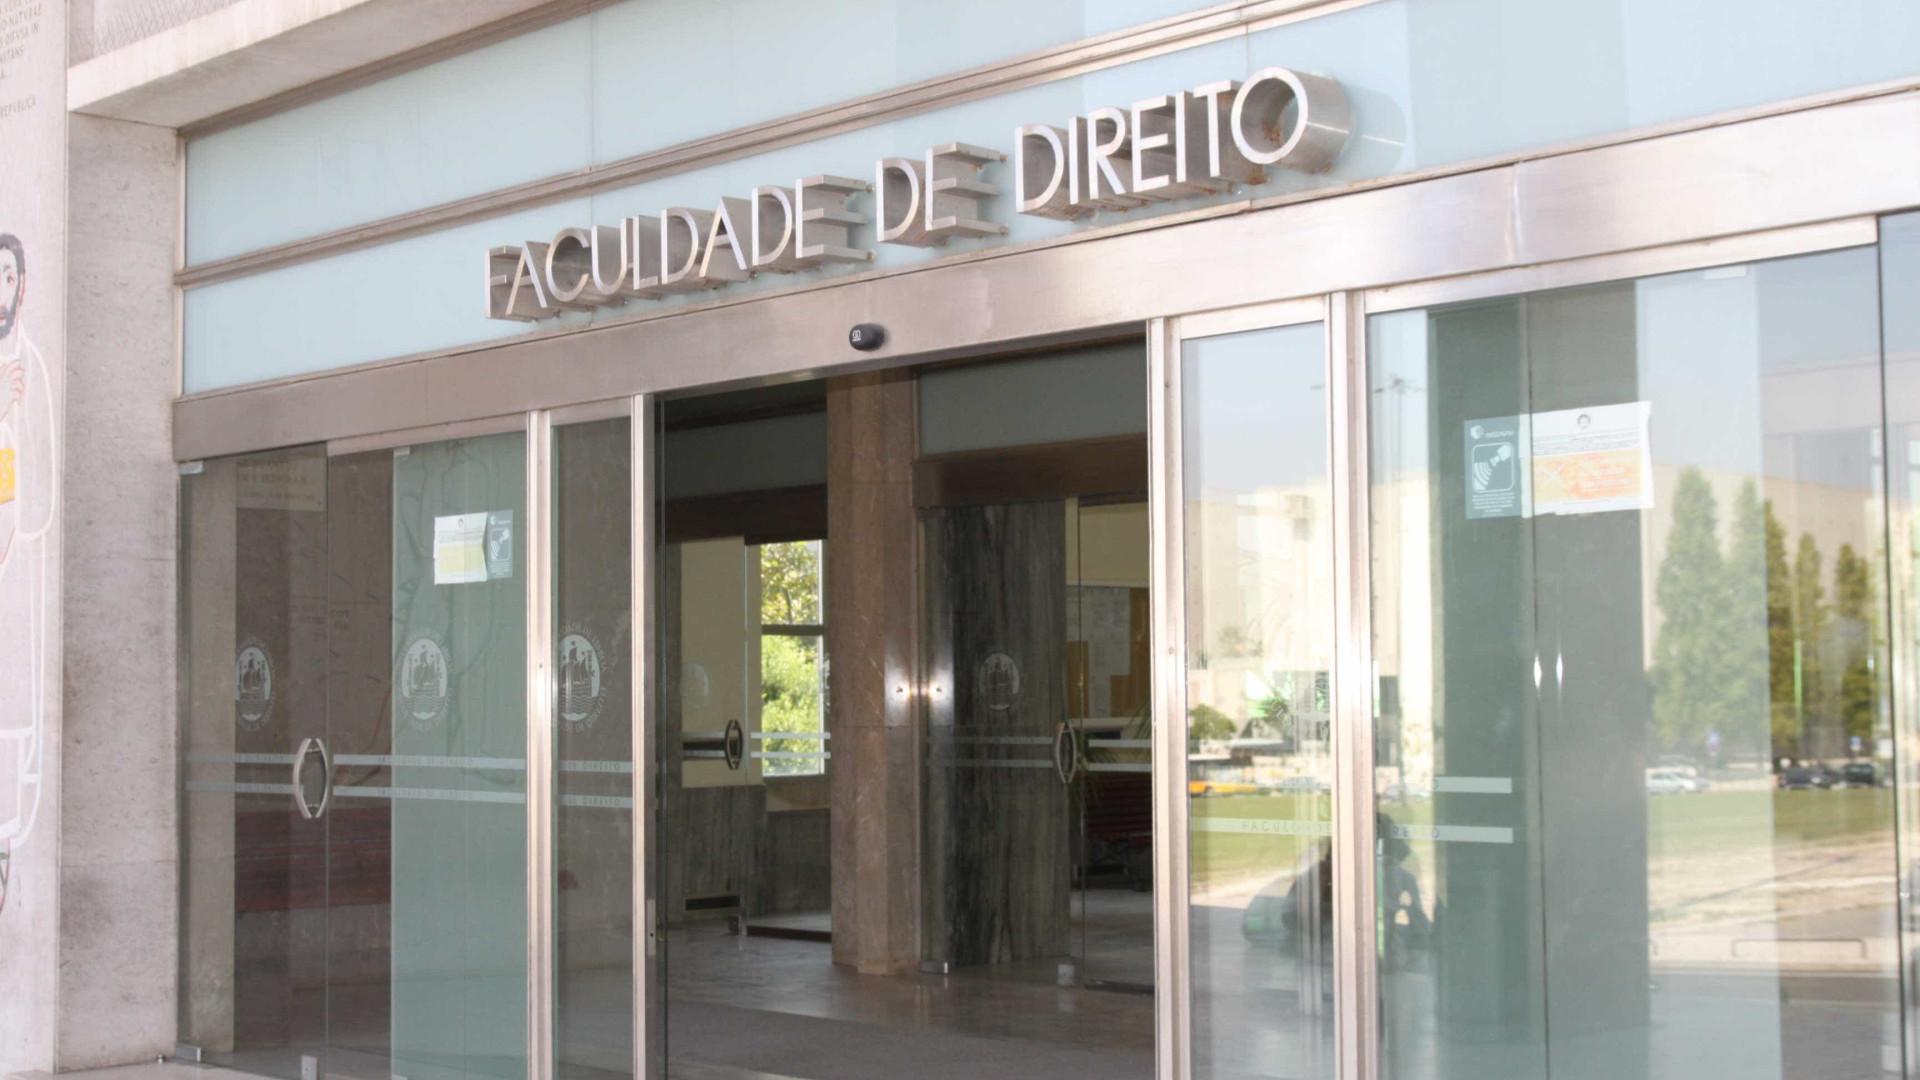 Estudantes fecham Faculdade de Direito de Lisboa a cadeado